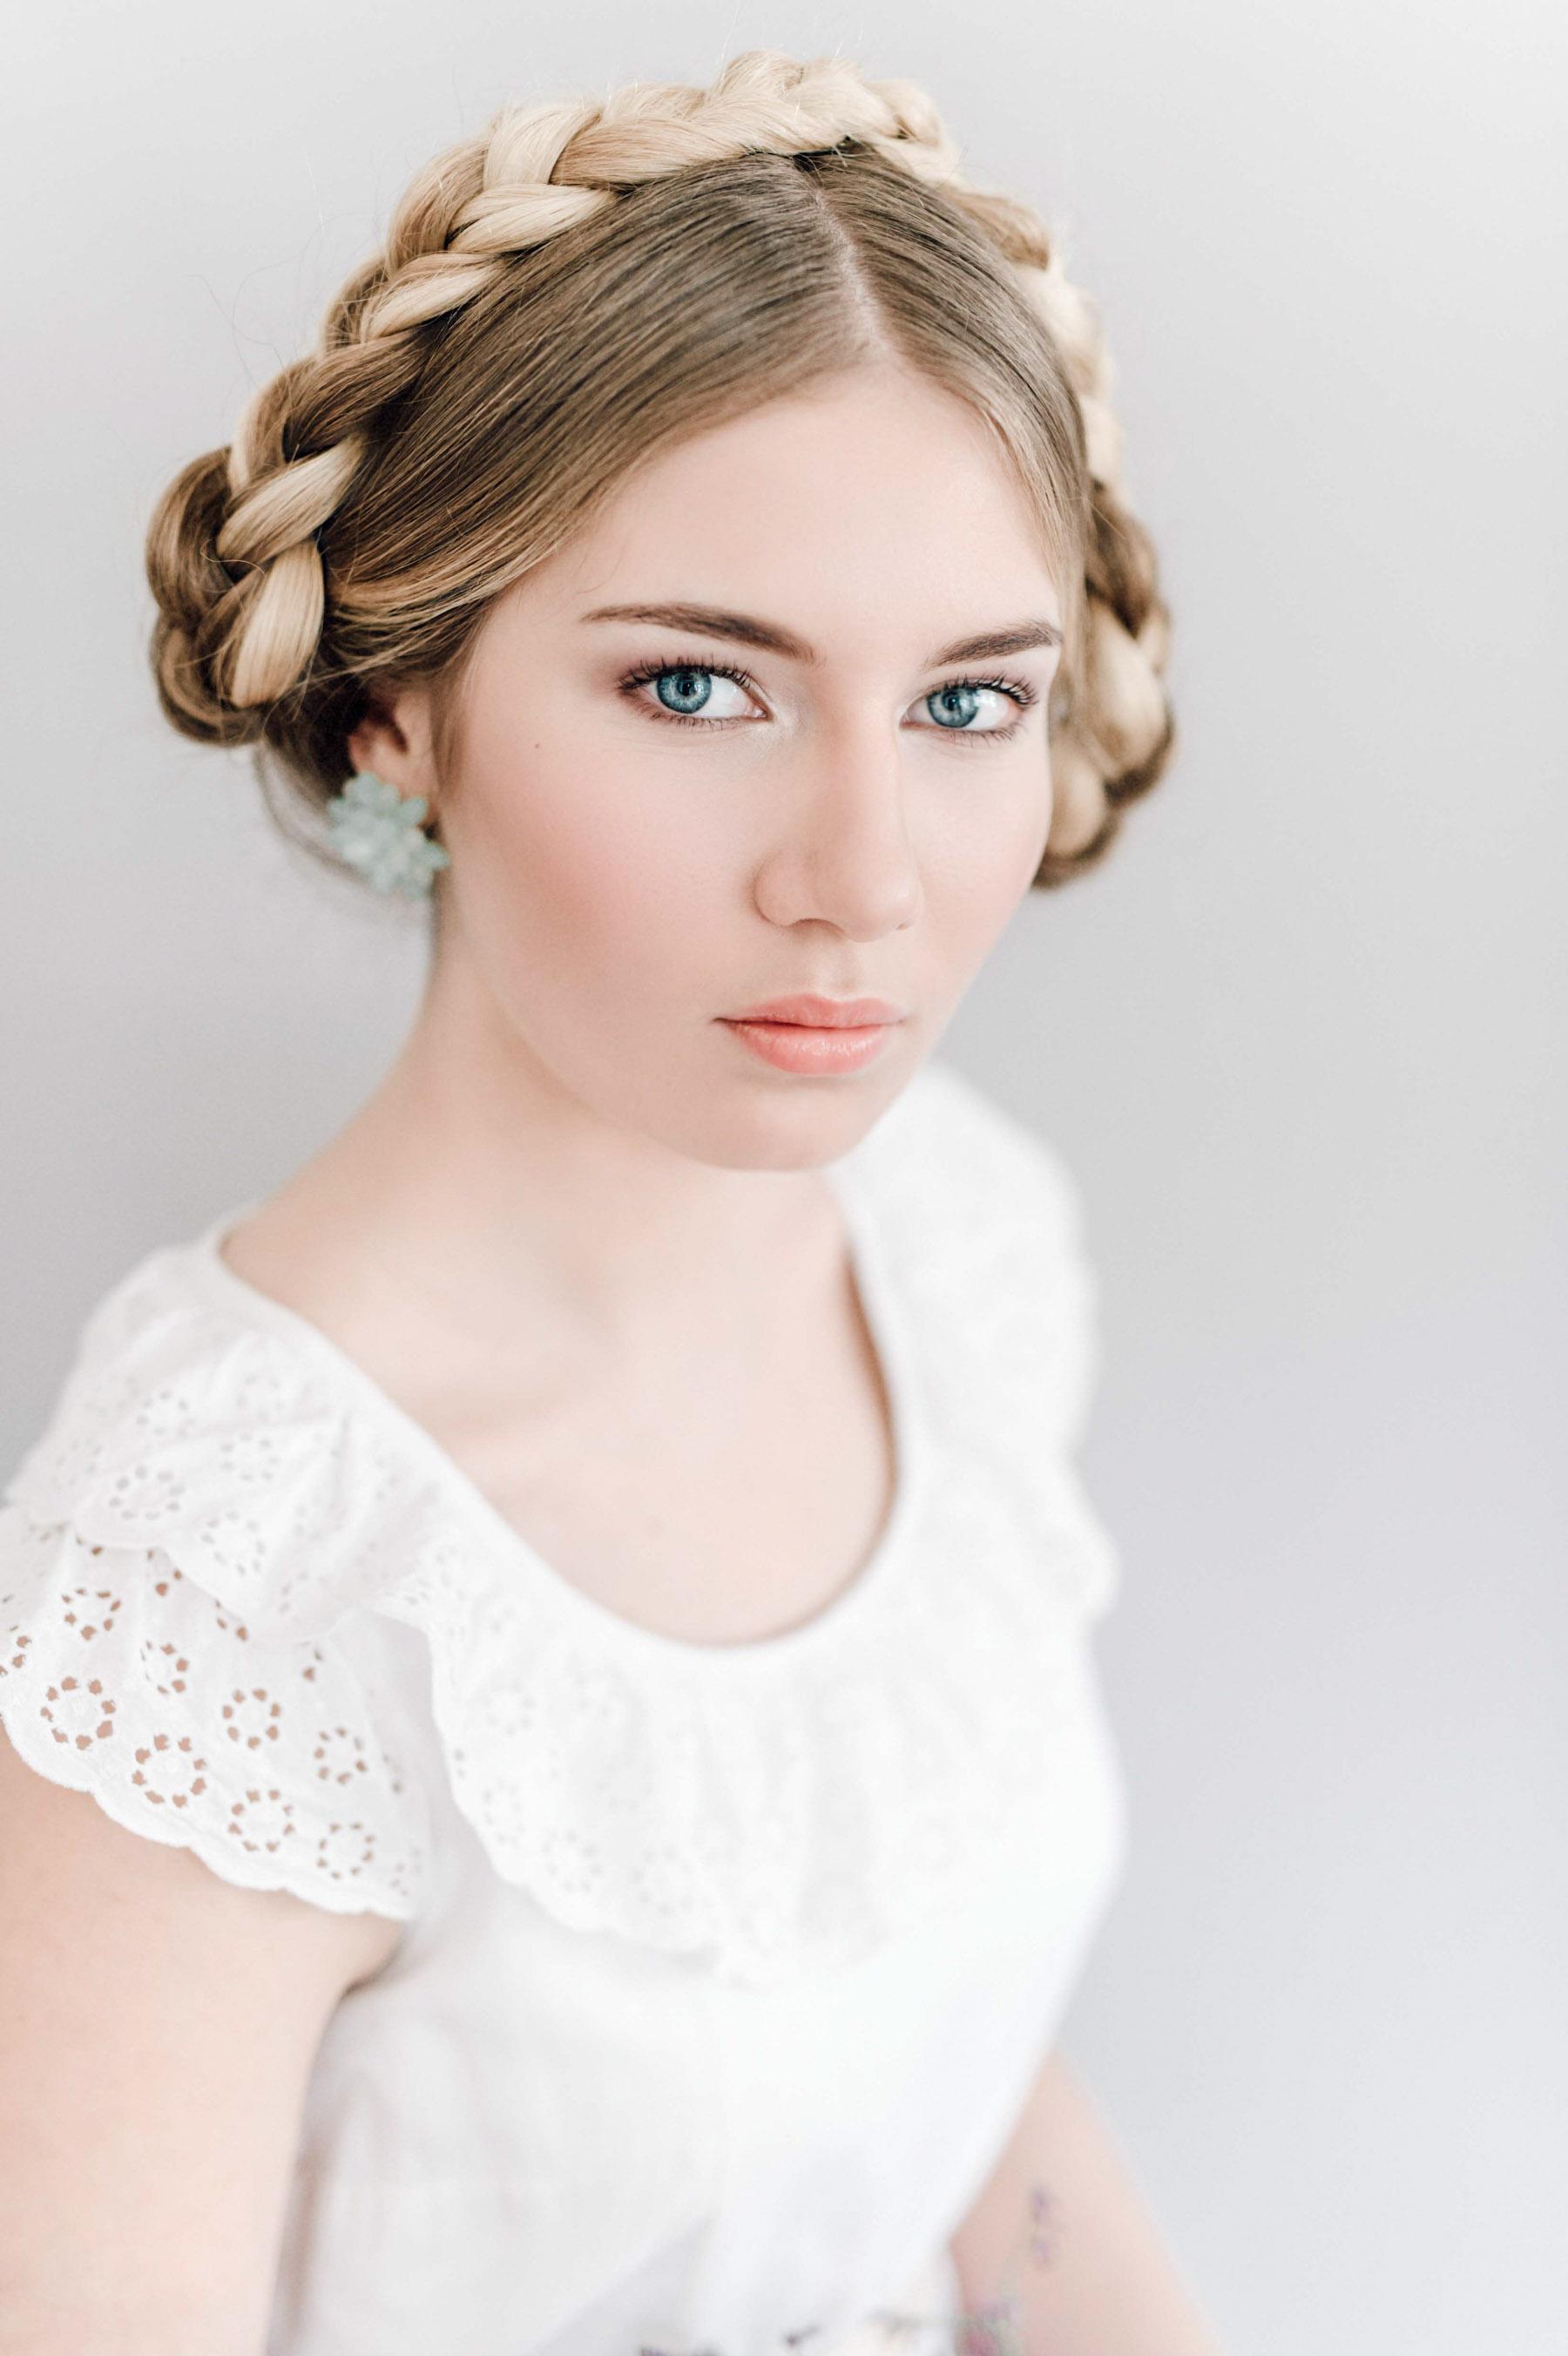 noula Natural Bridal Hair & Make-up Looknoula1